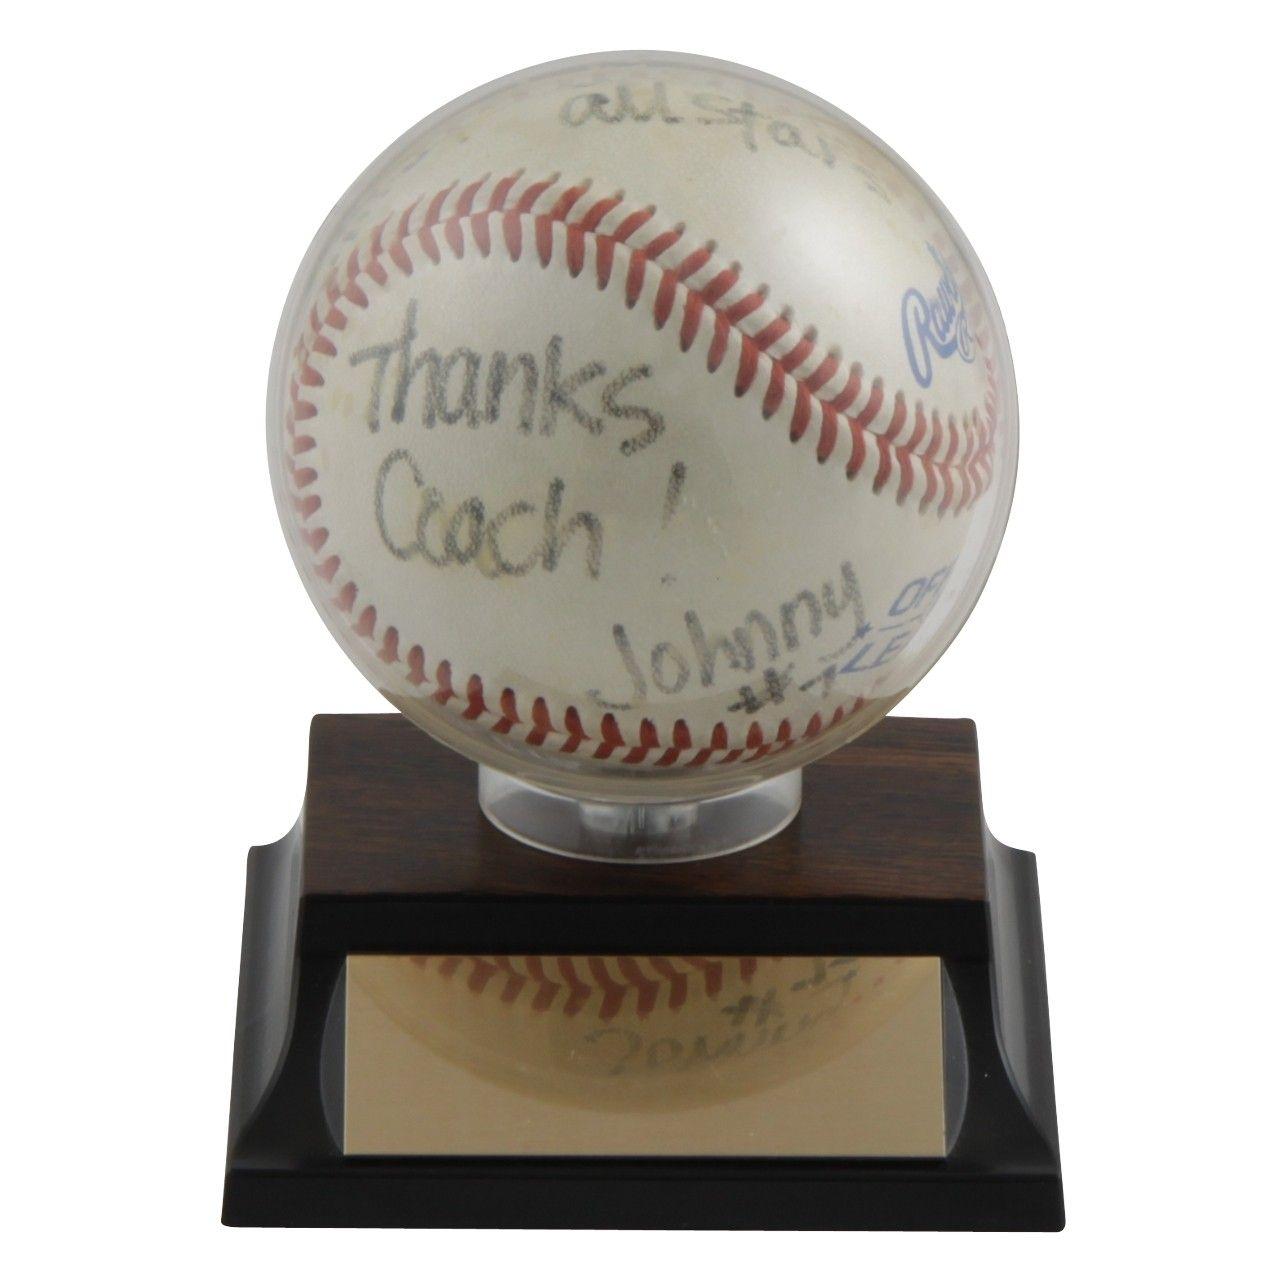 Acrylic Baseball Holder Trophies Baseball Holder Baseball Coach Gifts Baseball